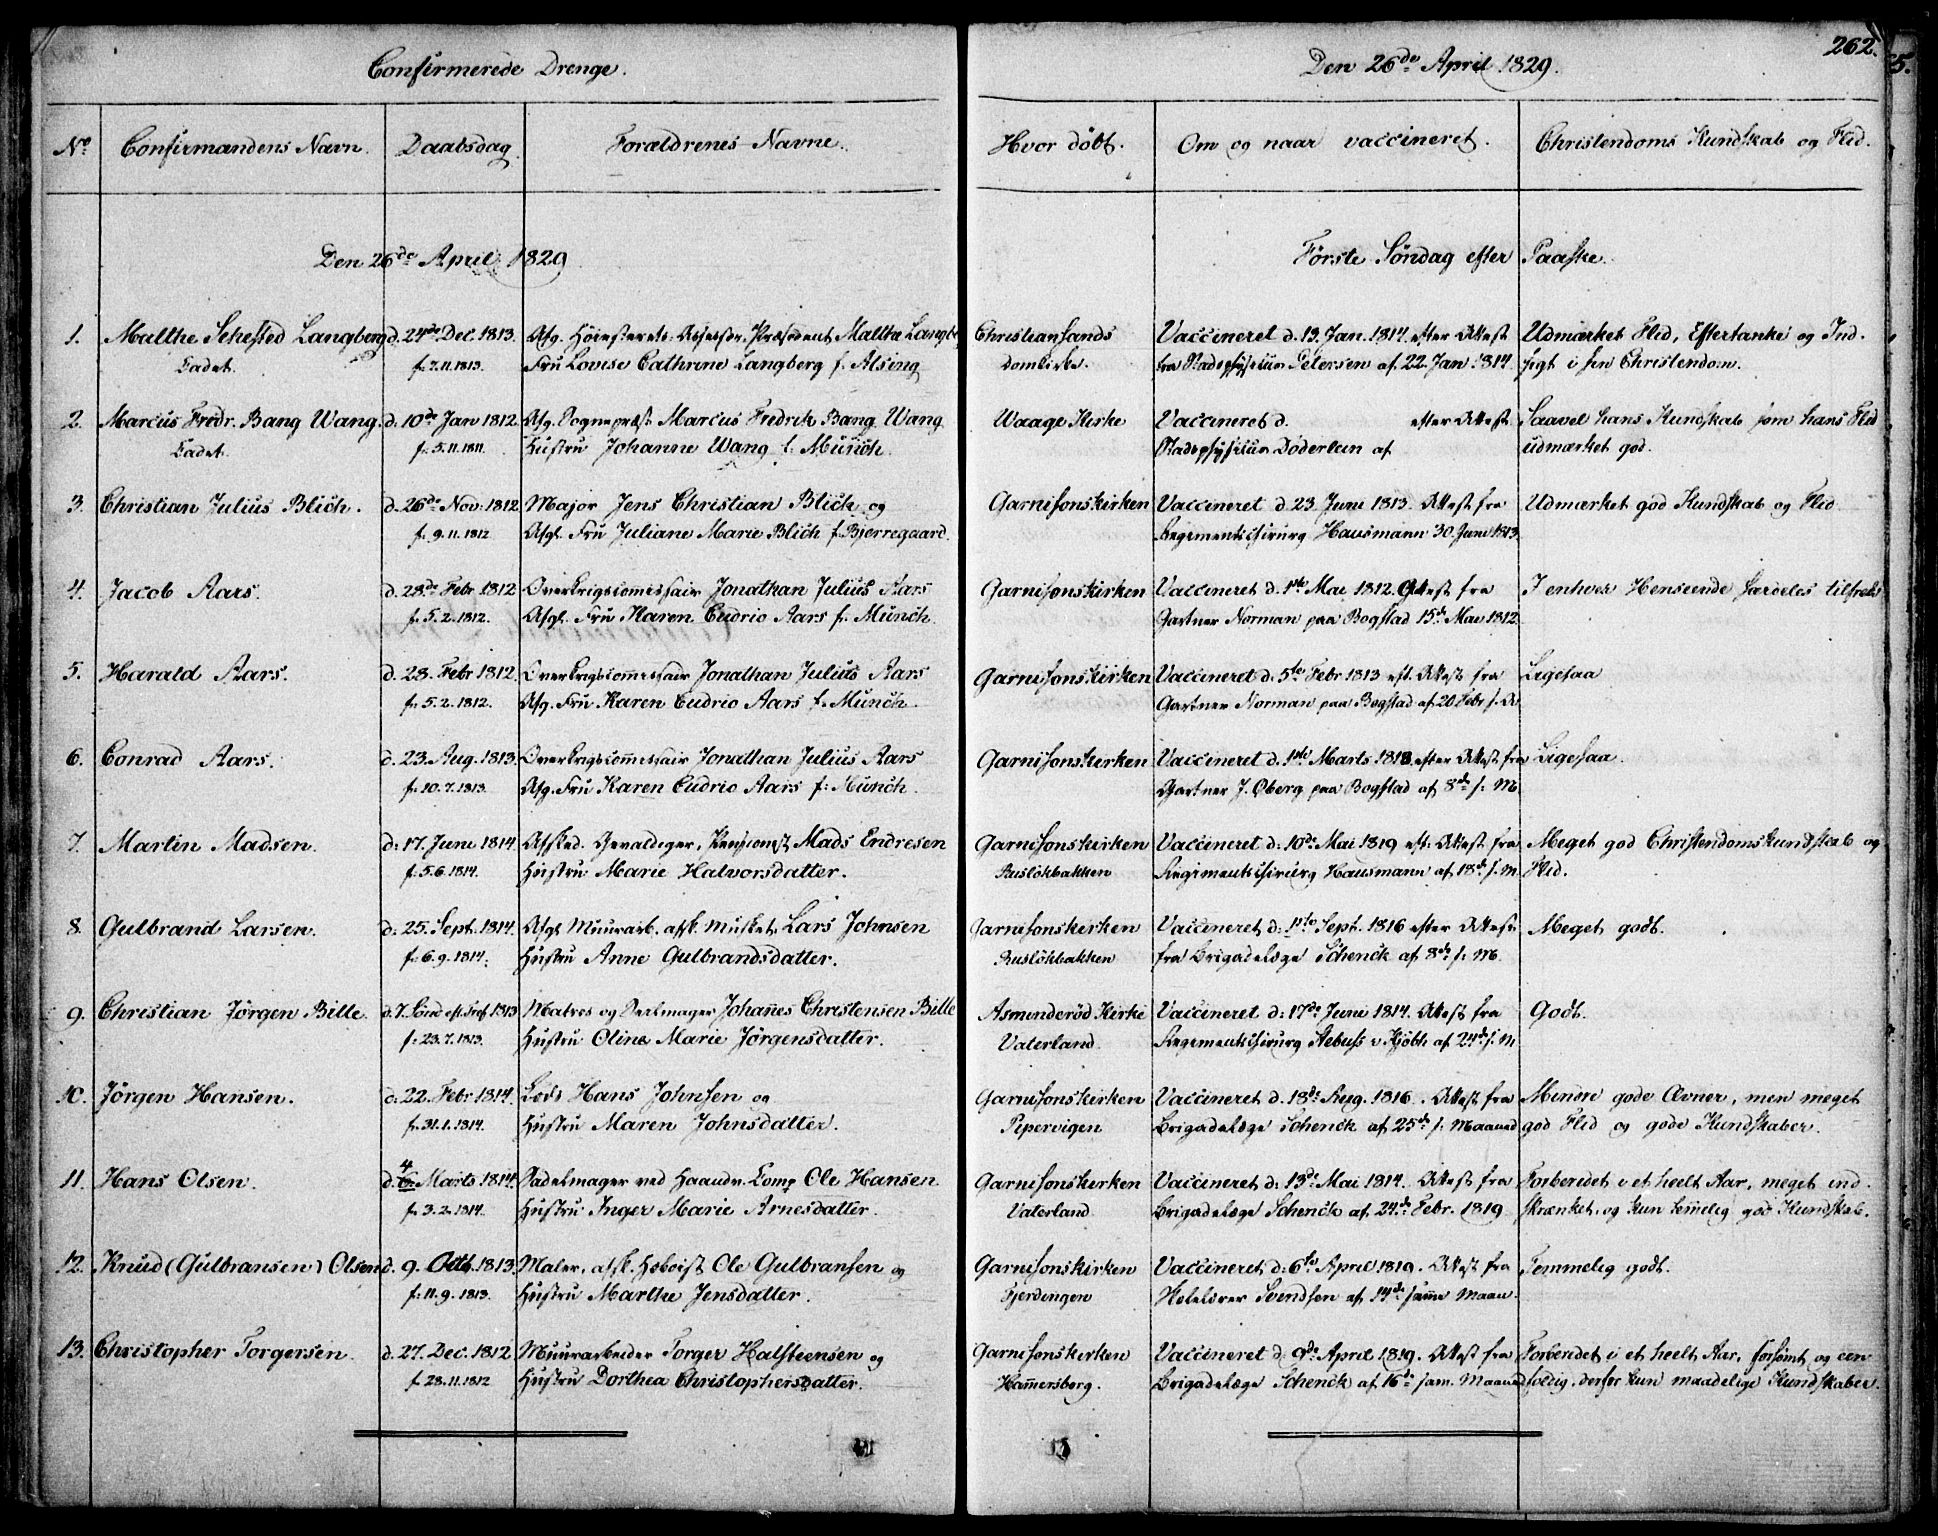 SAO, Garnisonsmenigheten Kirkebøker, F/Fa/L0006: Ministerialbok nr. 6, 1828-1841, s. 262